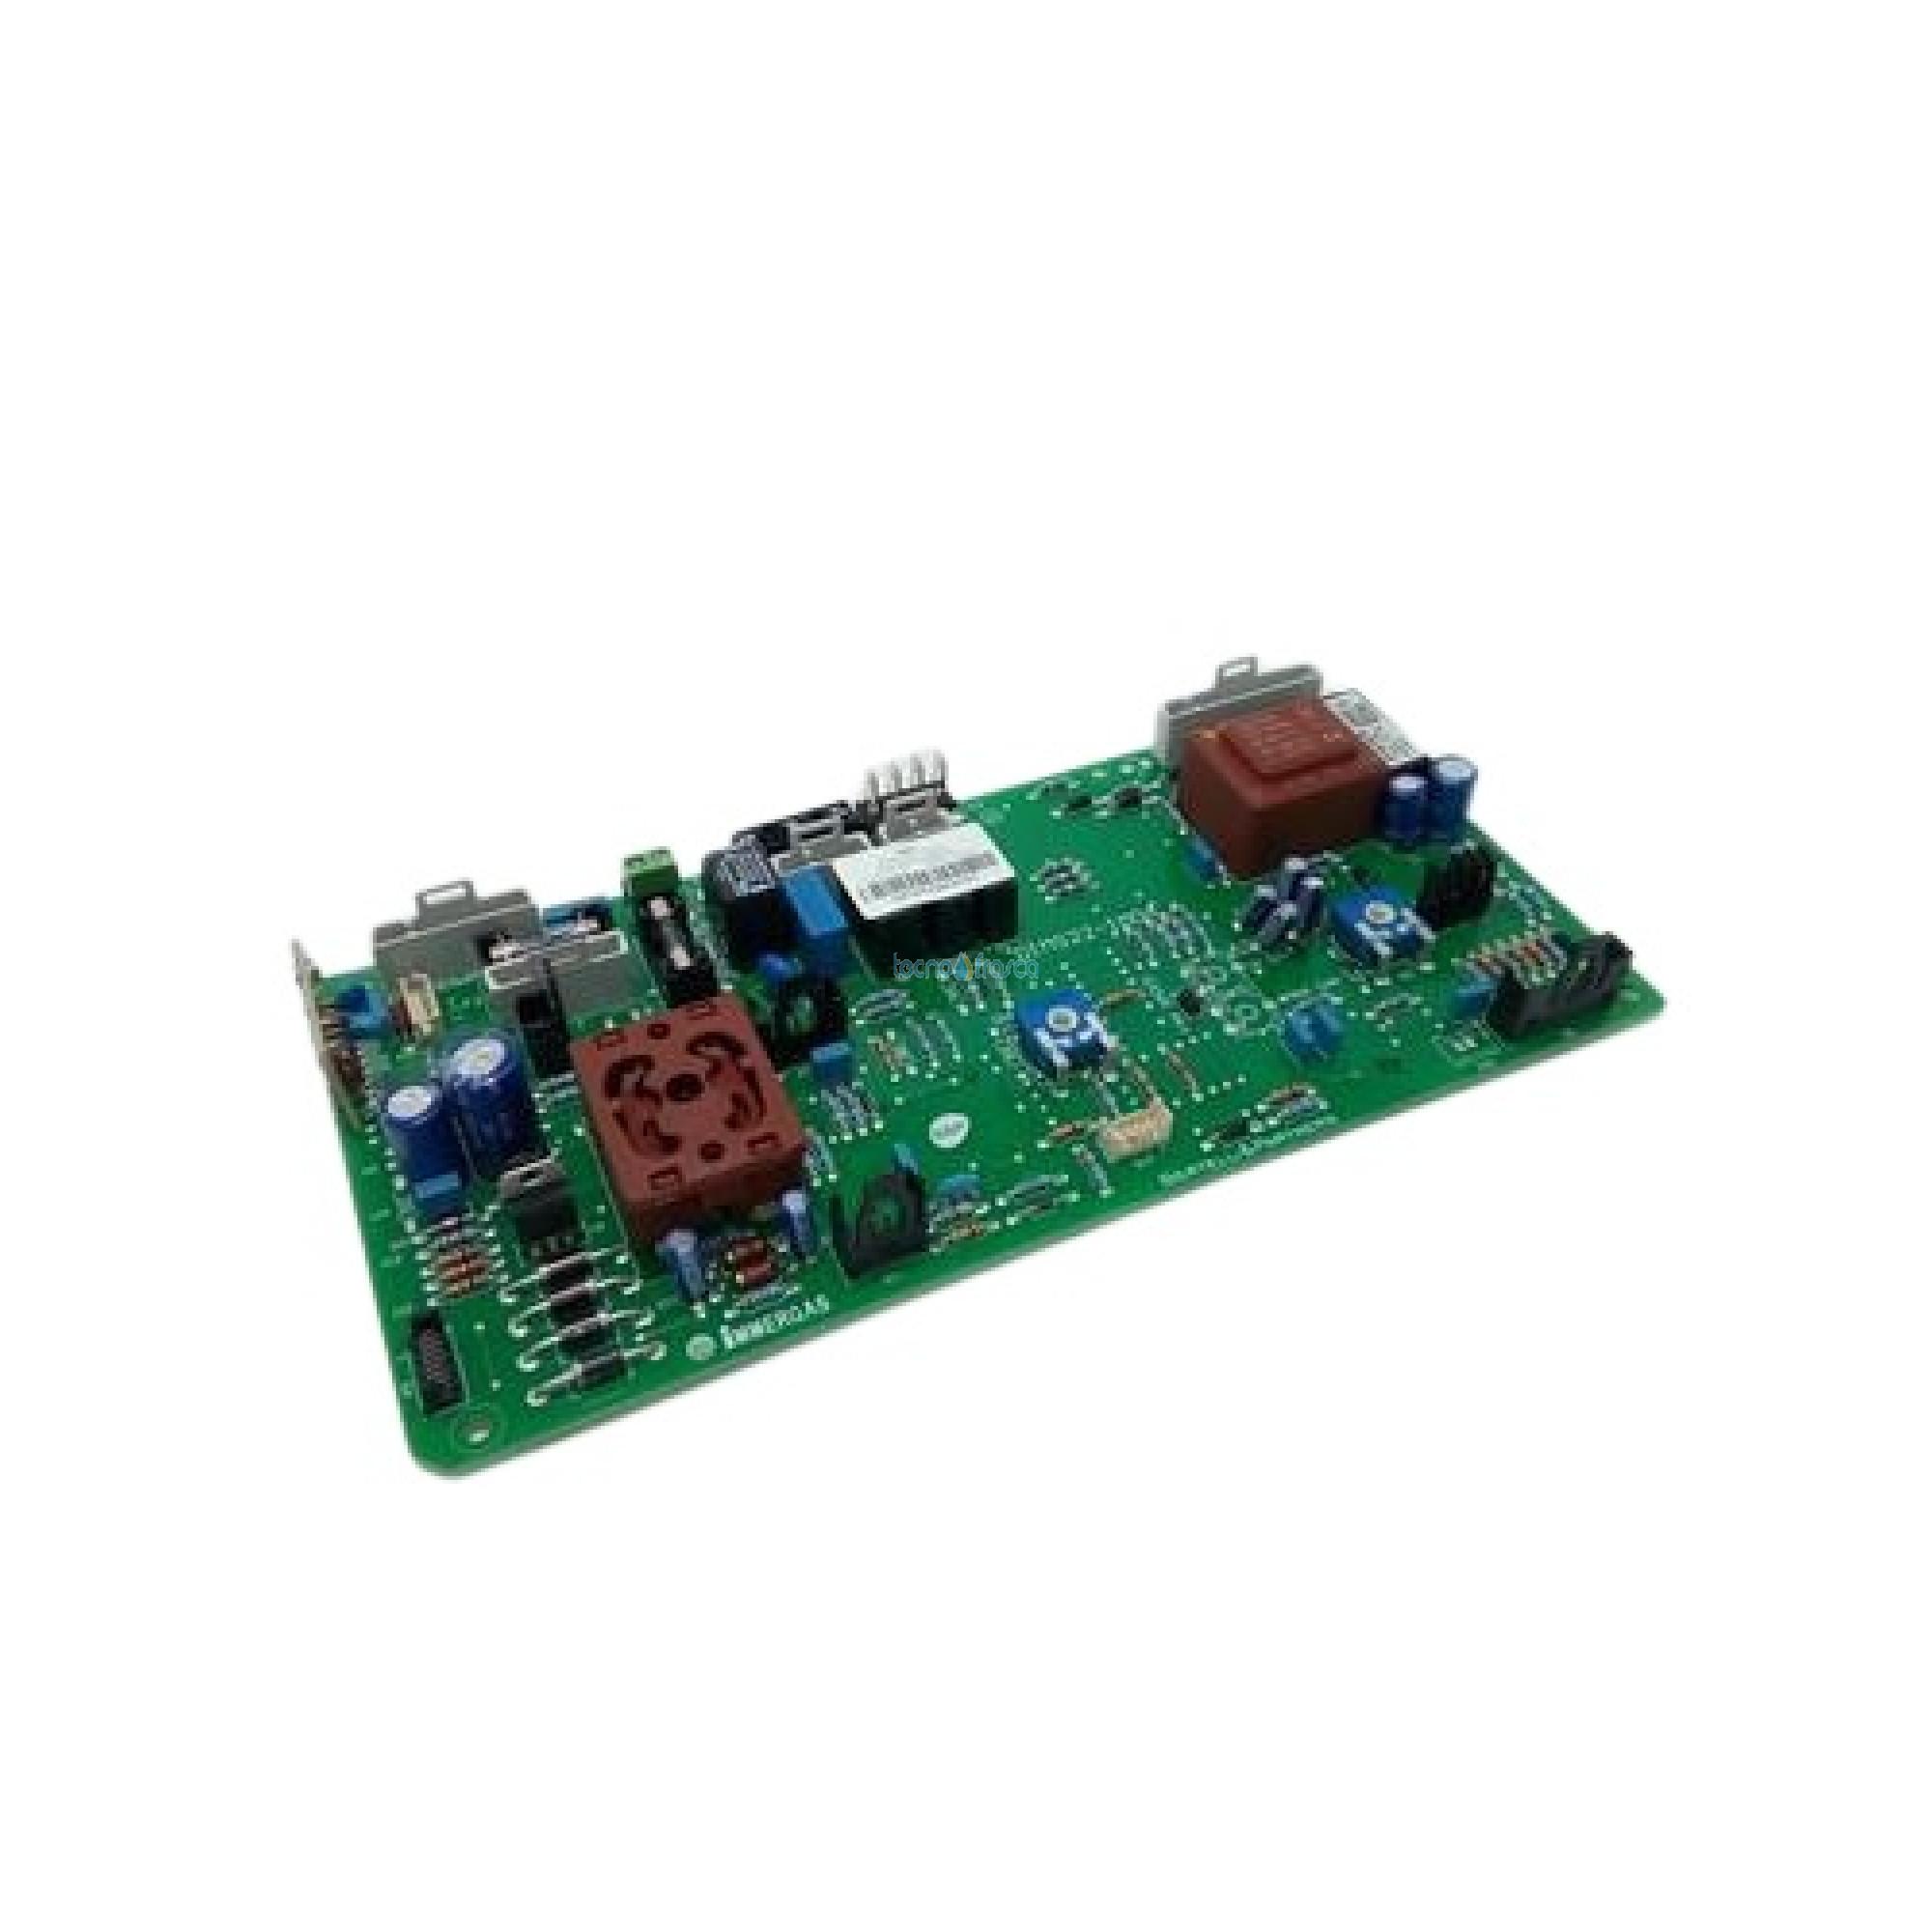 Immergas scheda elettronica victrix zeus dims22-im04 26kw 1.036495